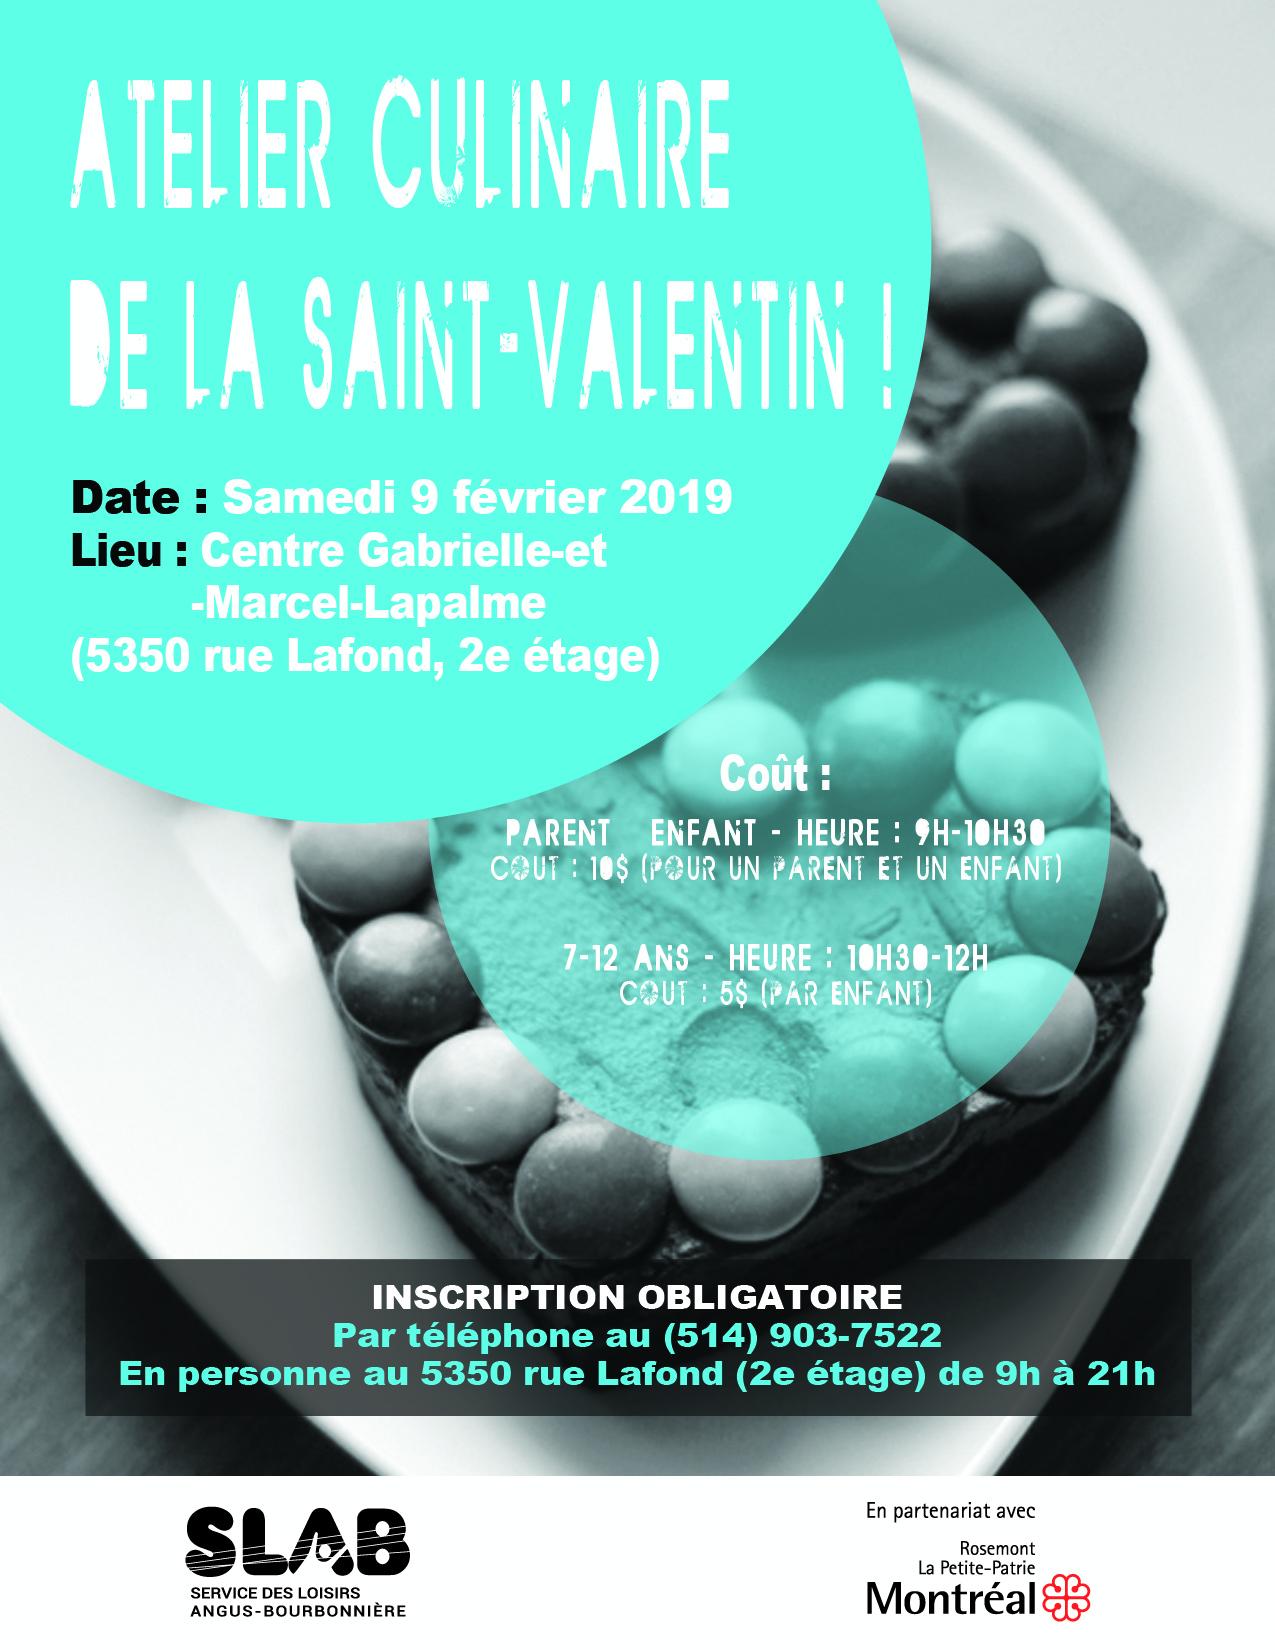 Matériel - Cuisine Saint-Valentin